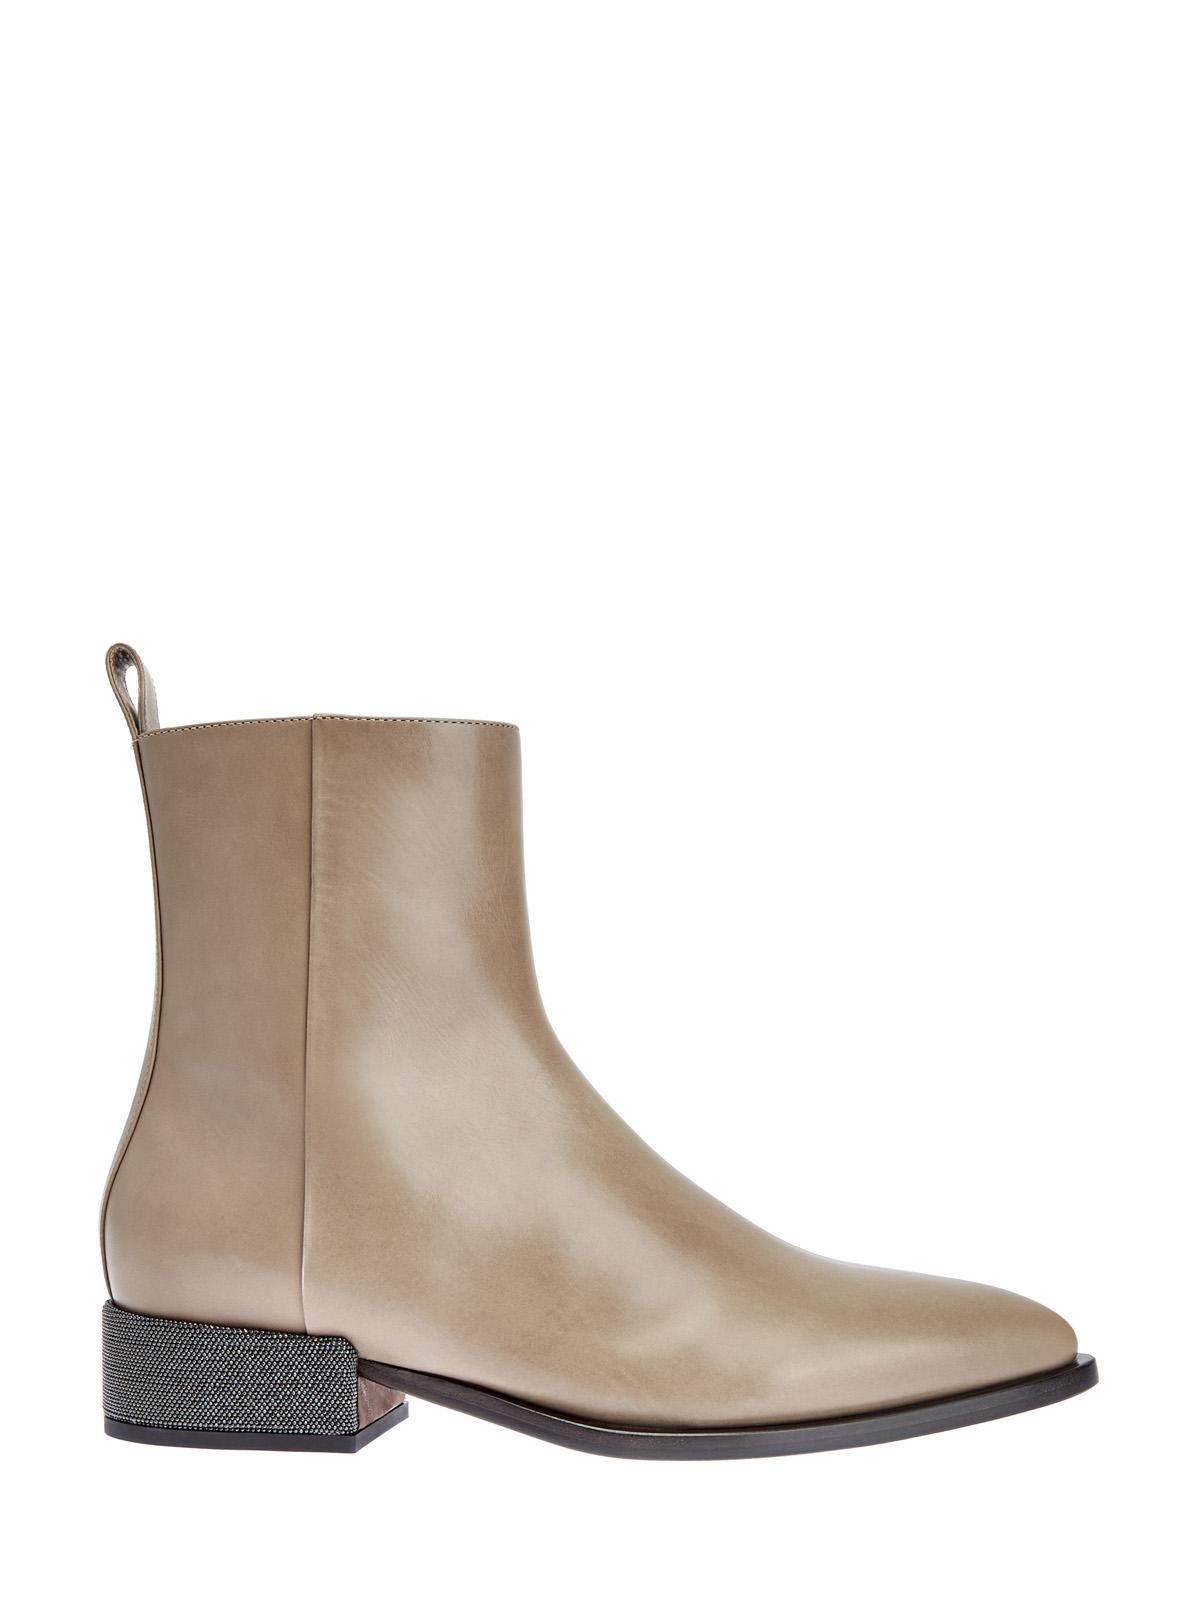 Ботинки из кожи теленка с цепочкой Мониль на каблуке